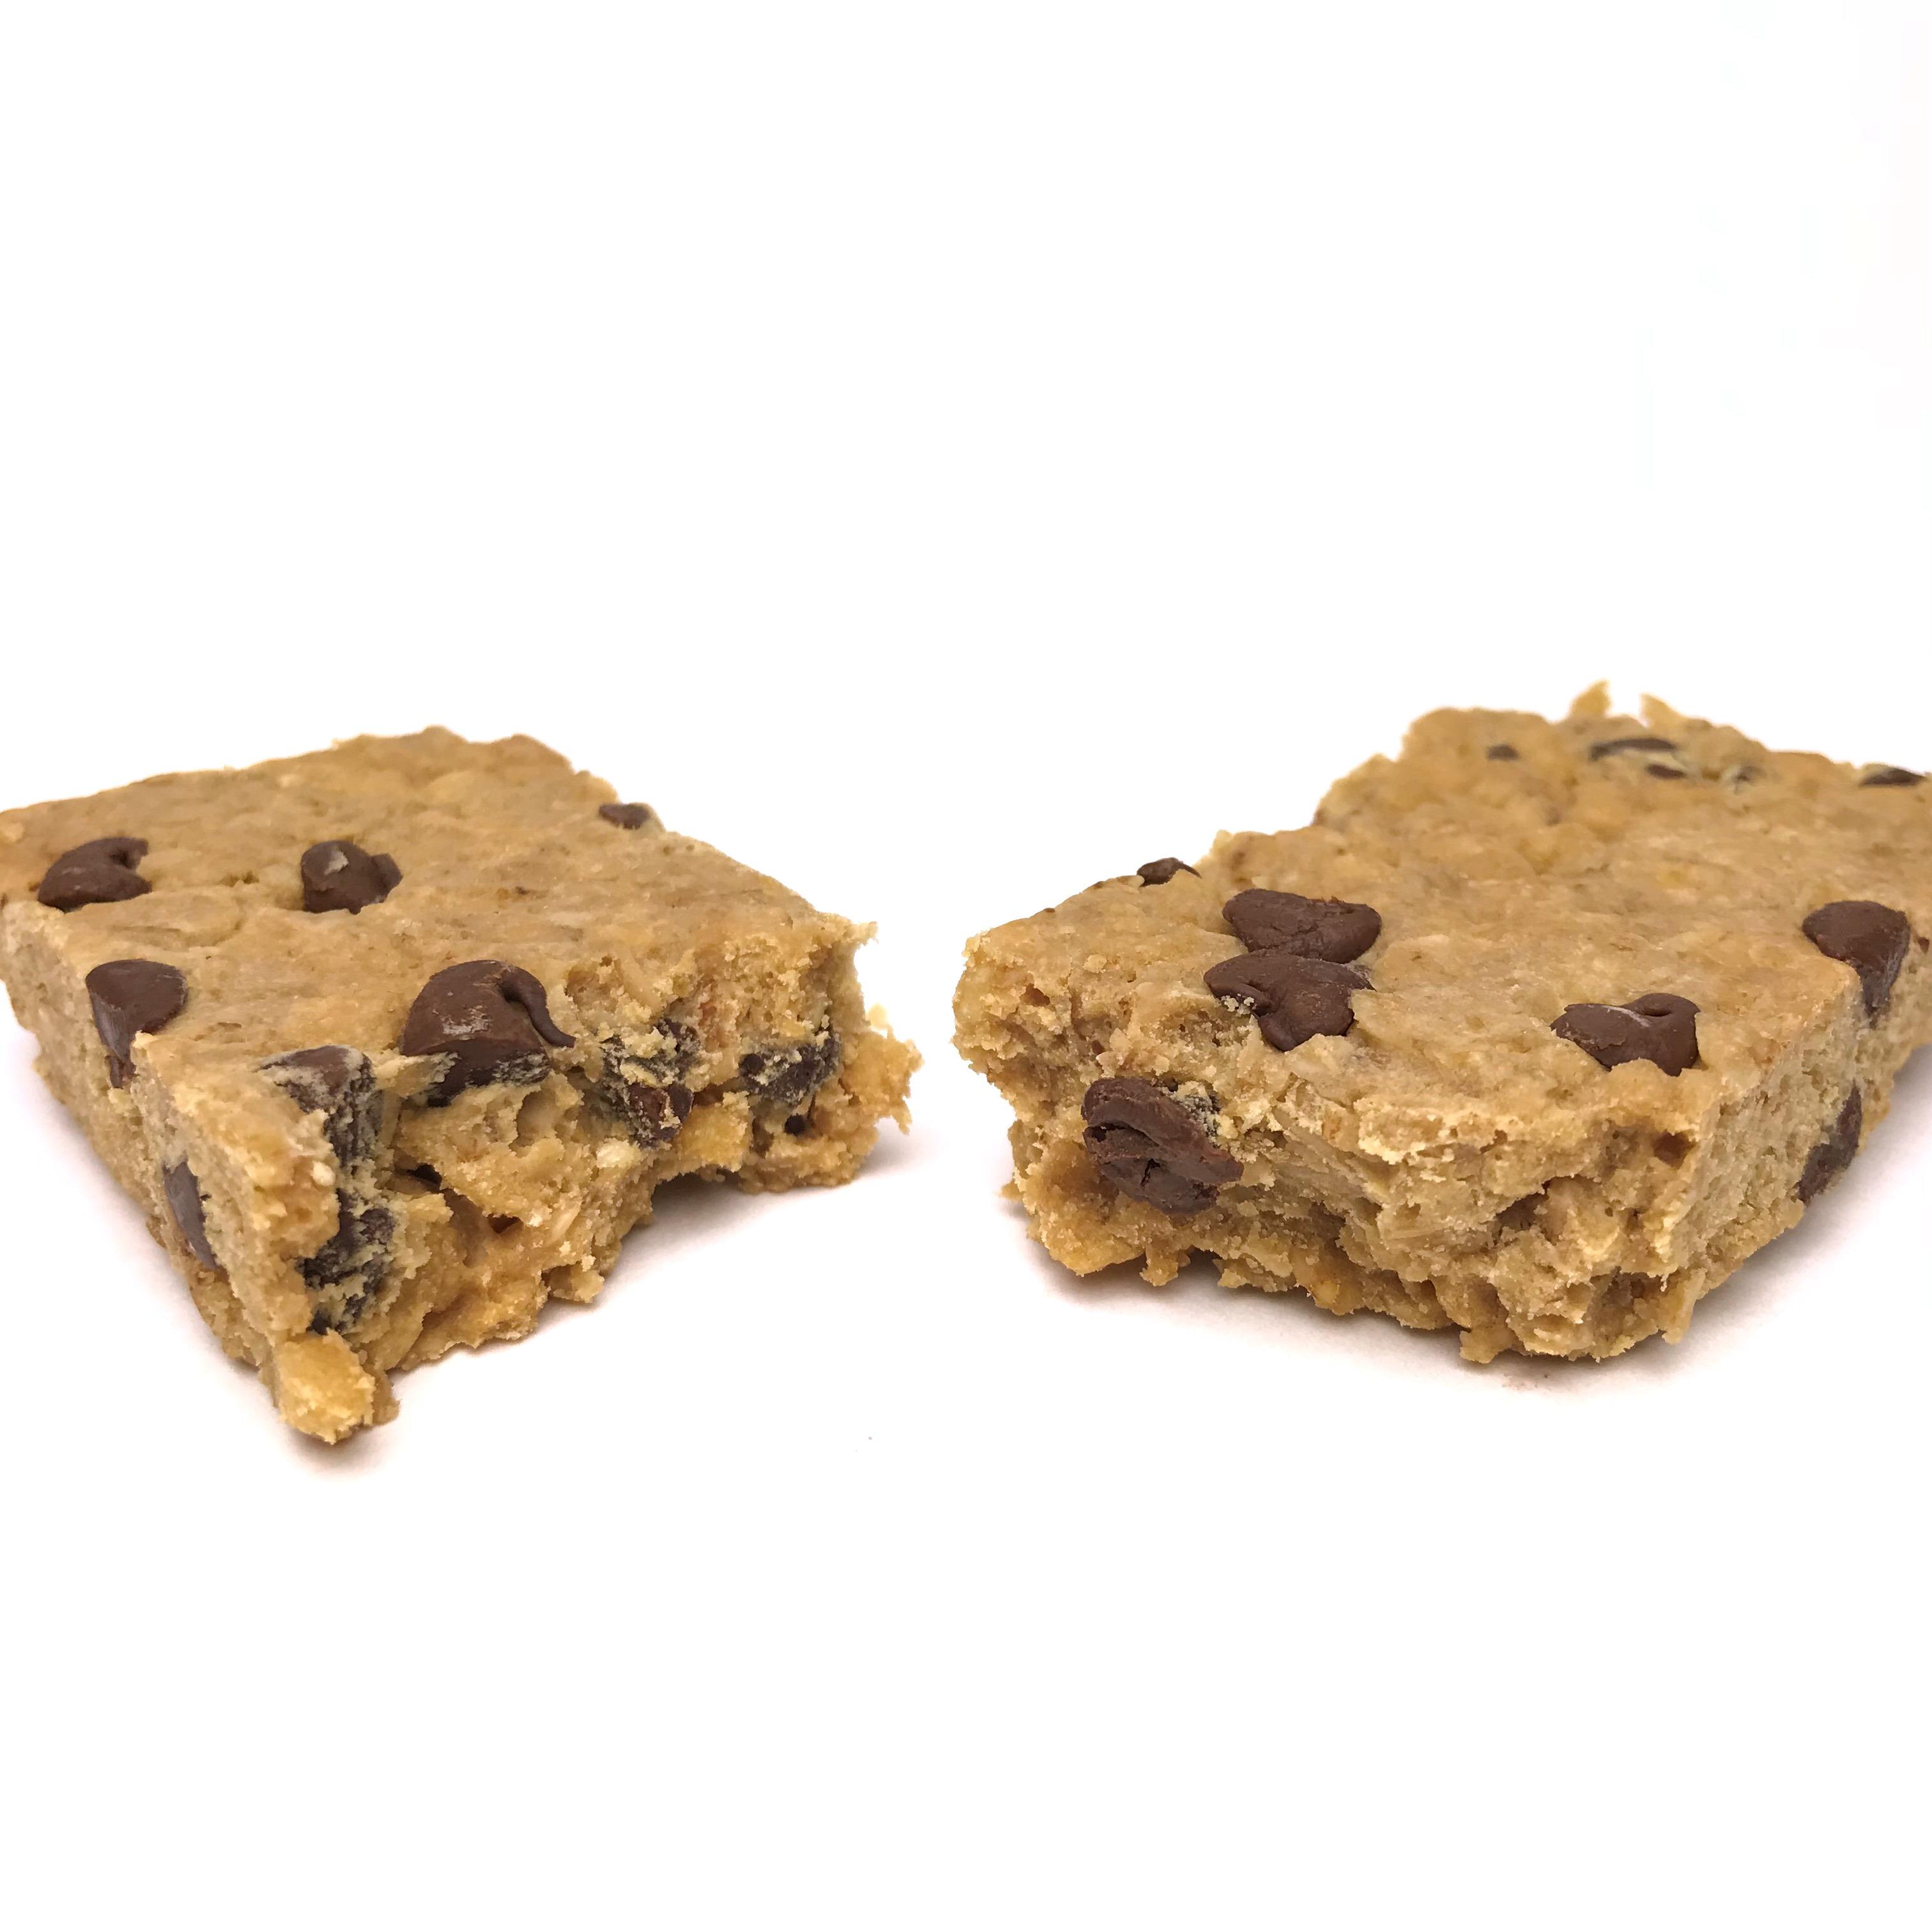 Chocolat Chip Protein Bar in half